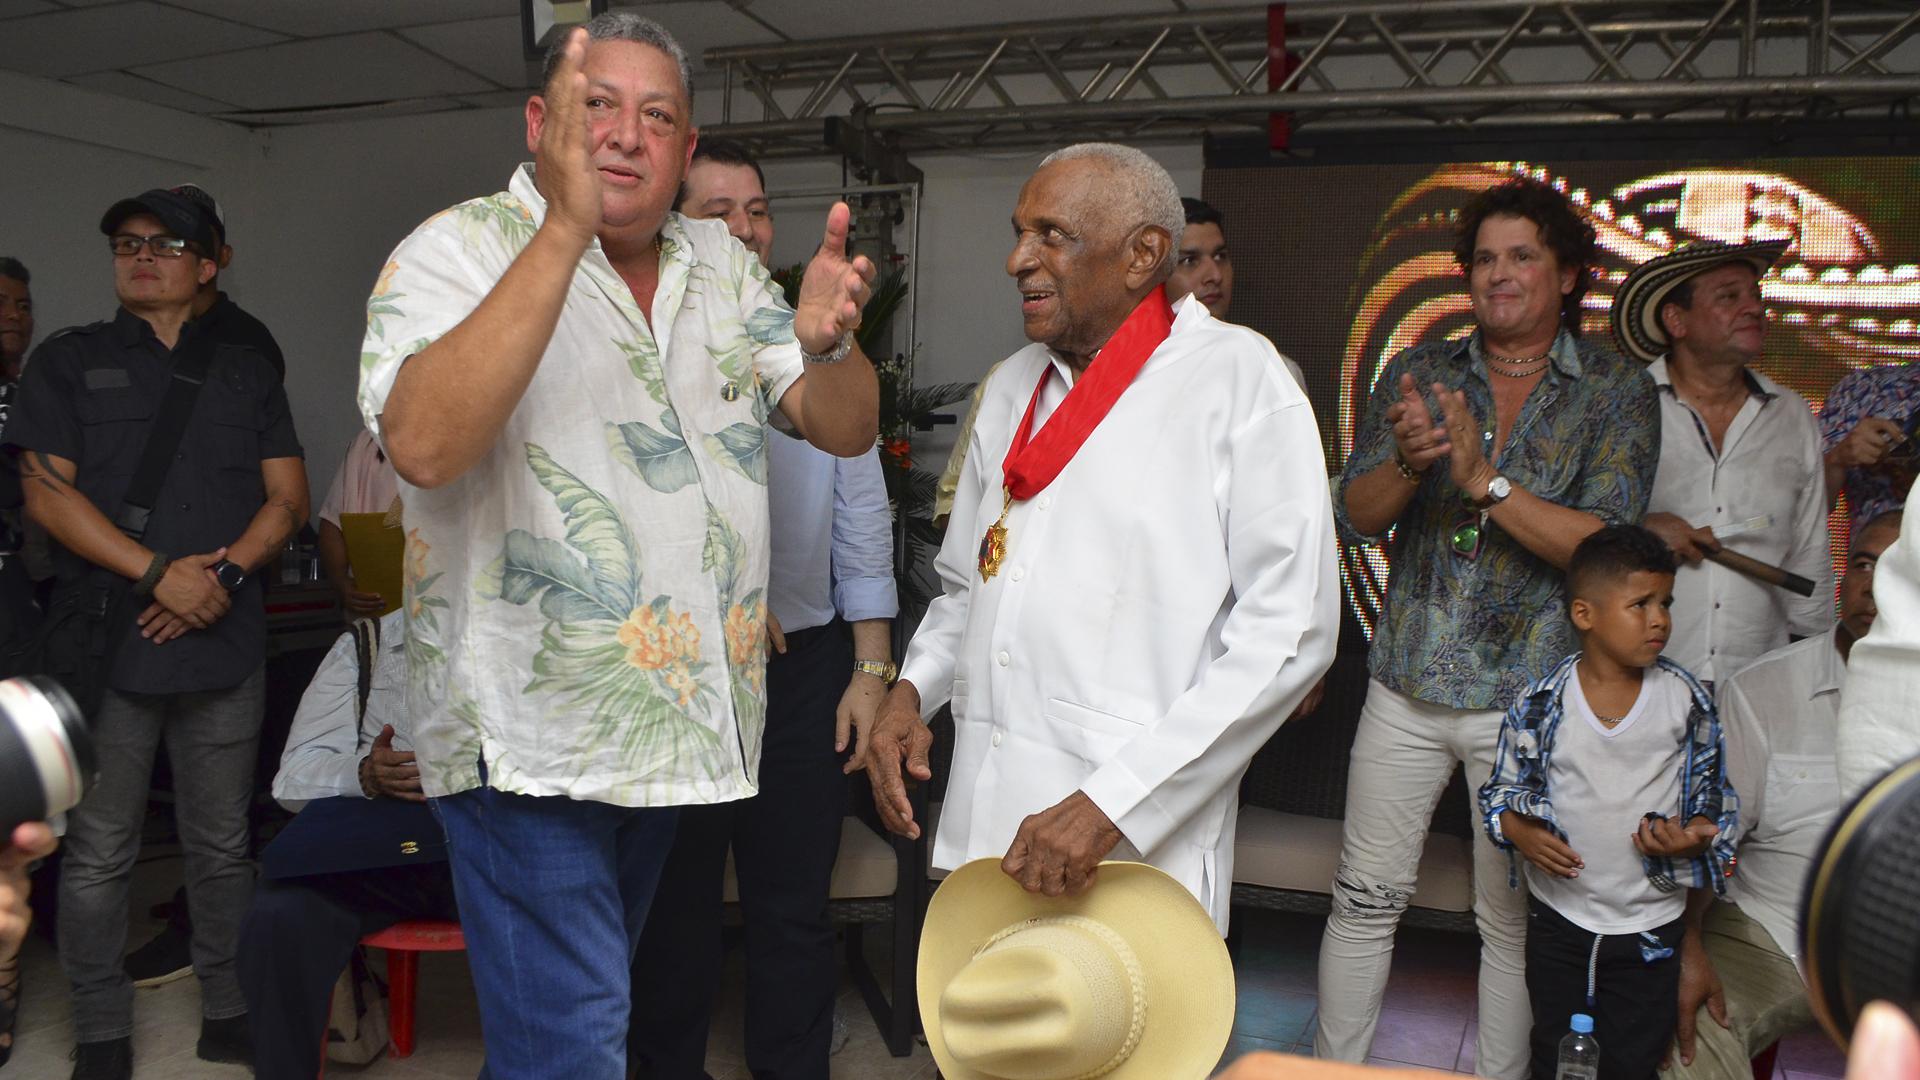 Sayco entregó un reconocimiento a Náfer Durán, acordeonero de la Dinastía Musical de El Paso.